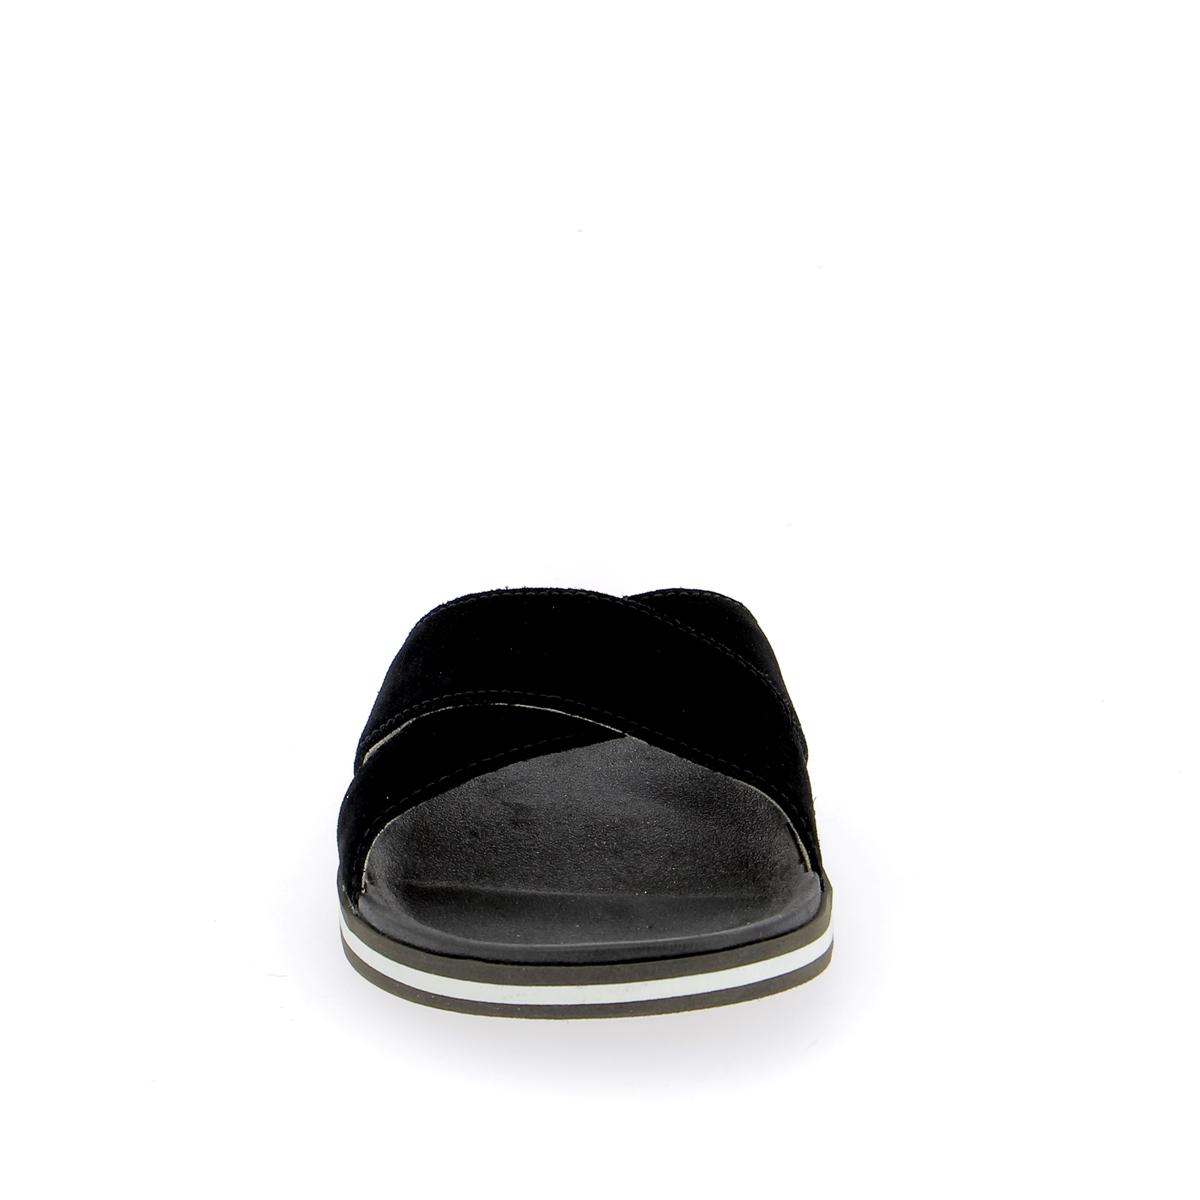 Ugg Muiltjes zwart